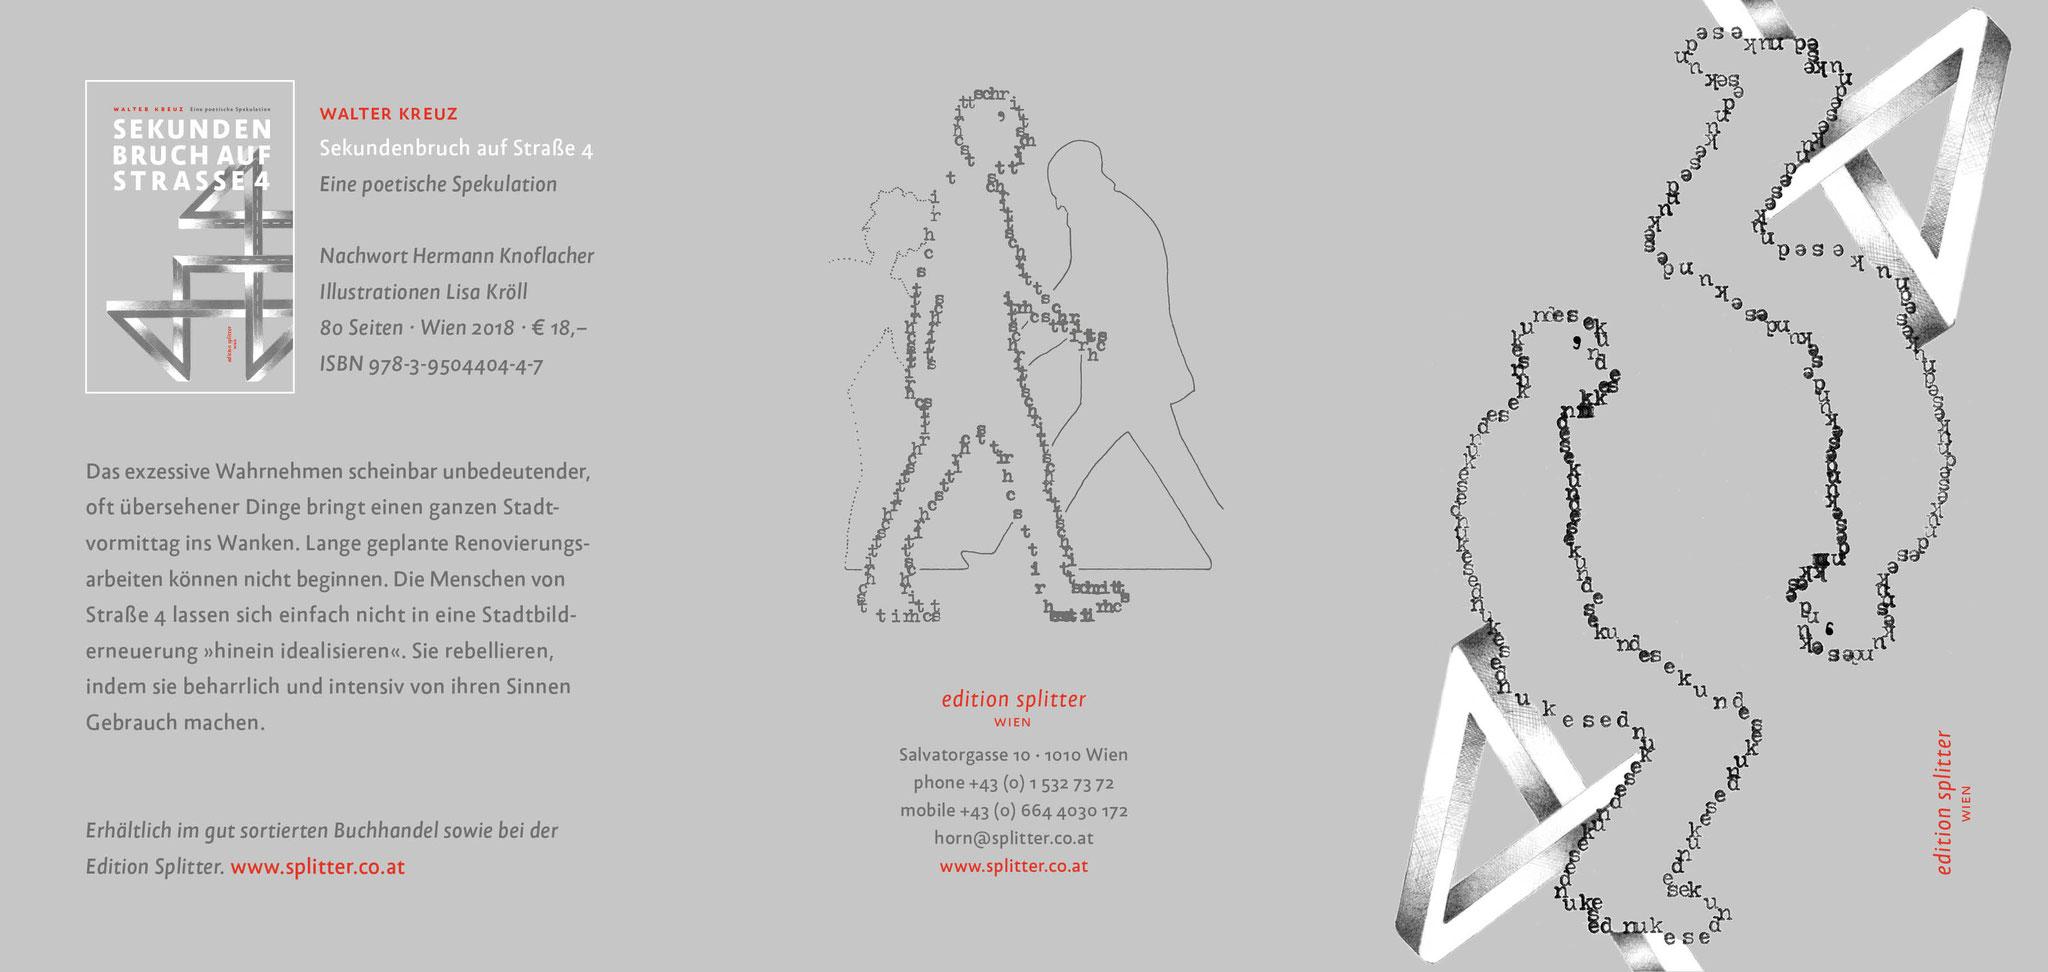 SEKUNDENBRUCH AUF STRASSE 4 – Flyer – Seite 1